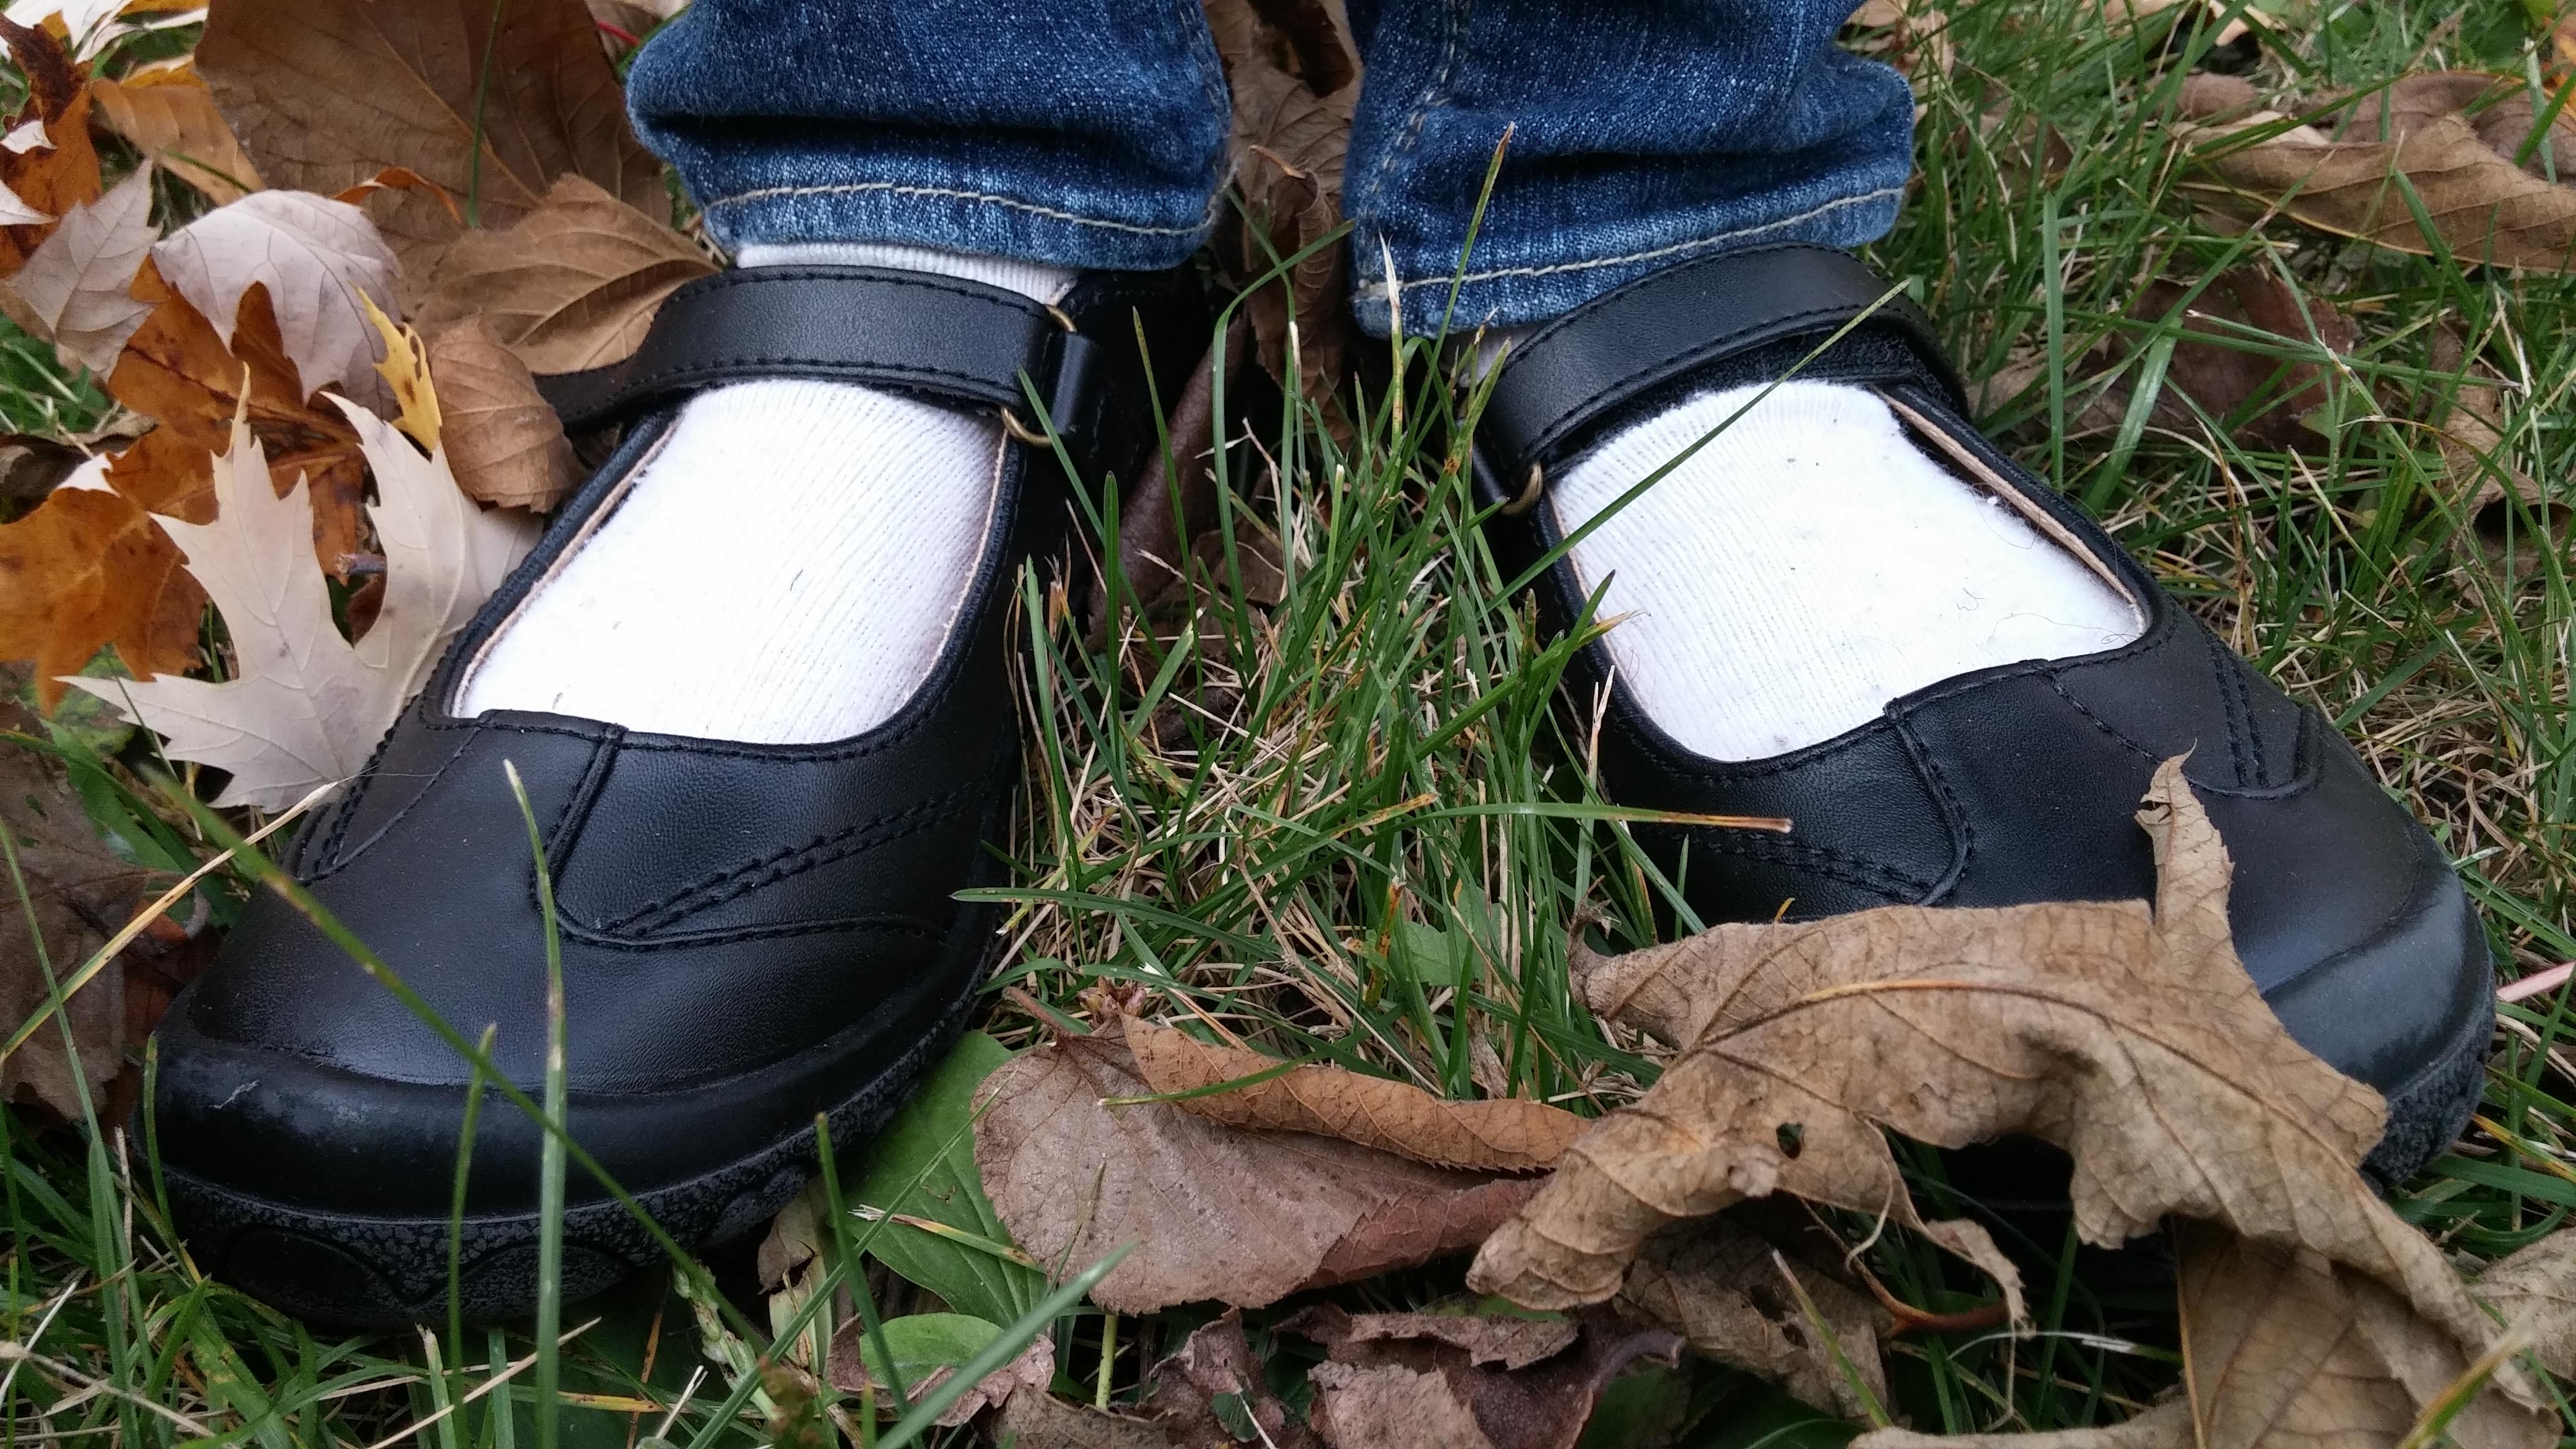 Feet Selfie, Feet, Leaves, Outside, Shoe, HQ Photo